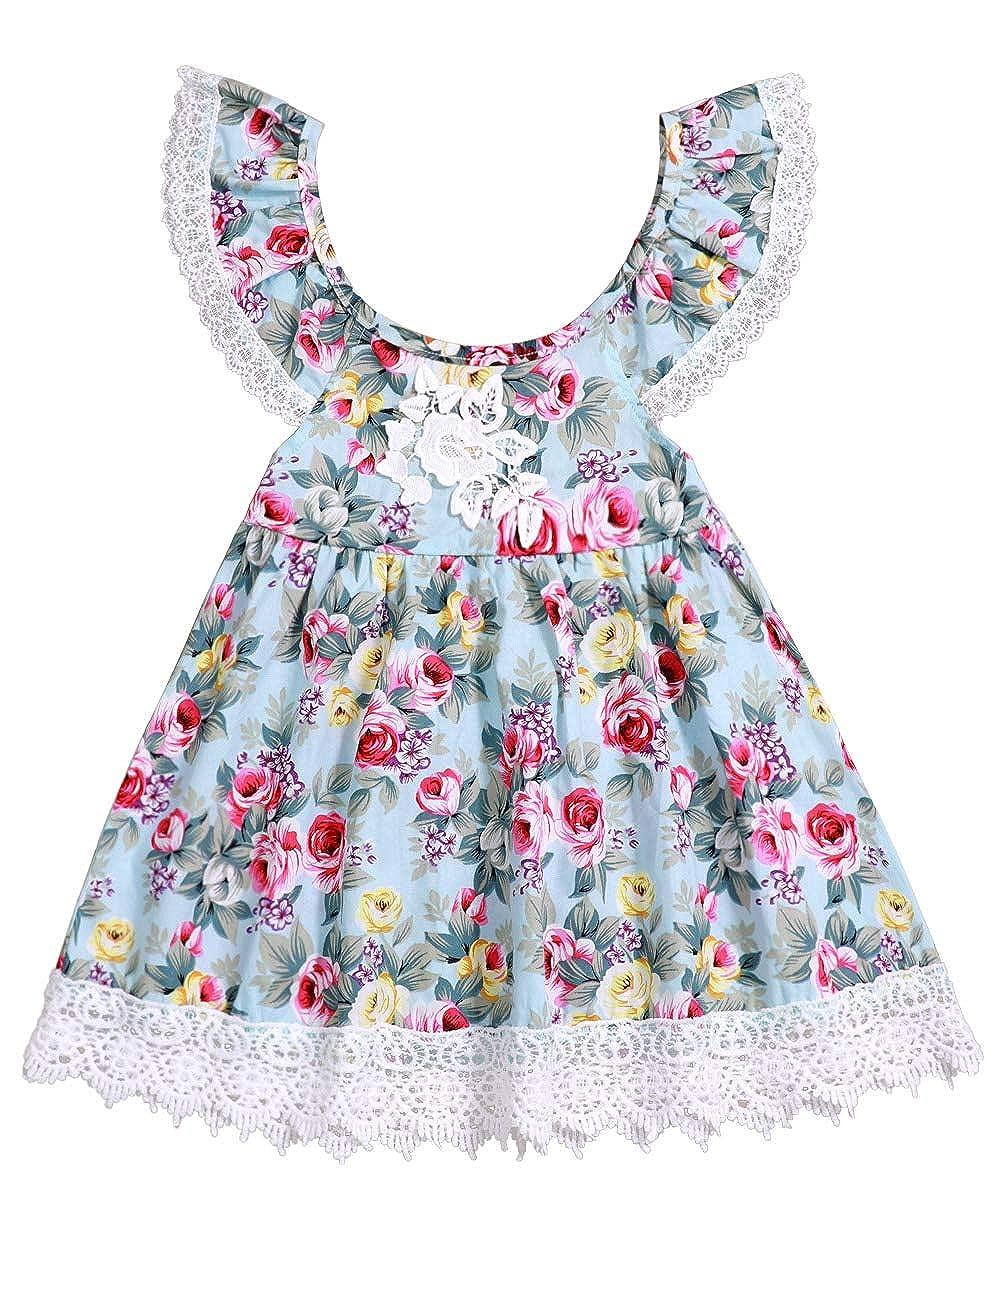 最安値級価格 Menglang DRESS ベビーガールズ 6 - 12 Months Months Menglang マルチカラー 12 B07LG8VYXH, 生活住空間ストア:b552180f --- arianechie.dominiotemporario.com